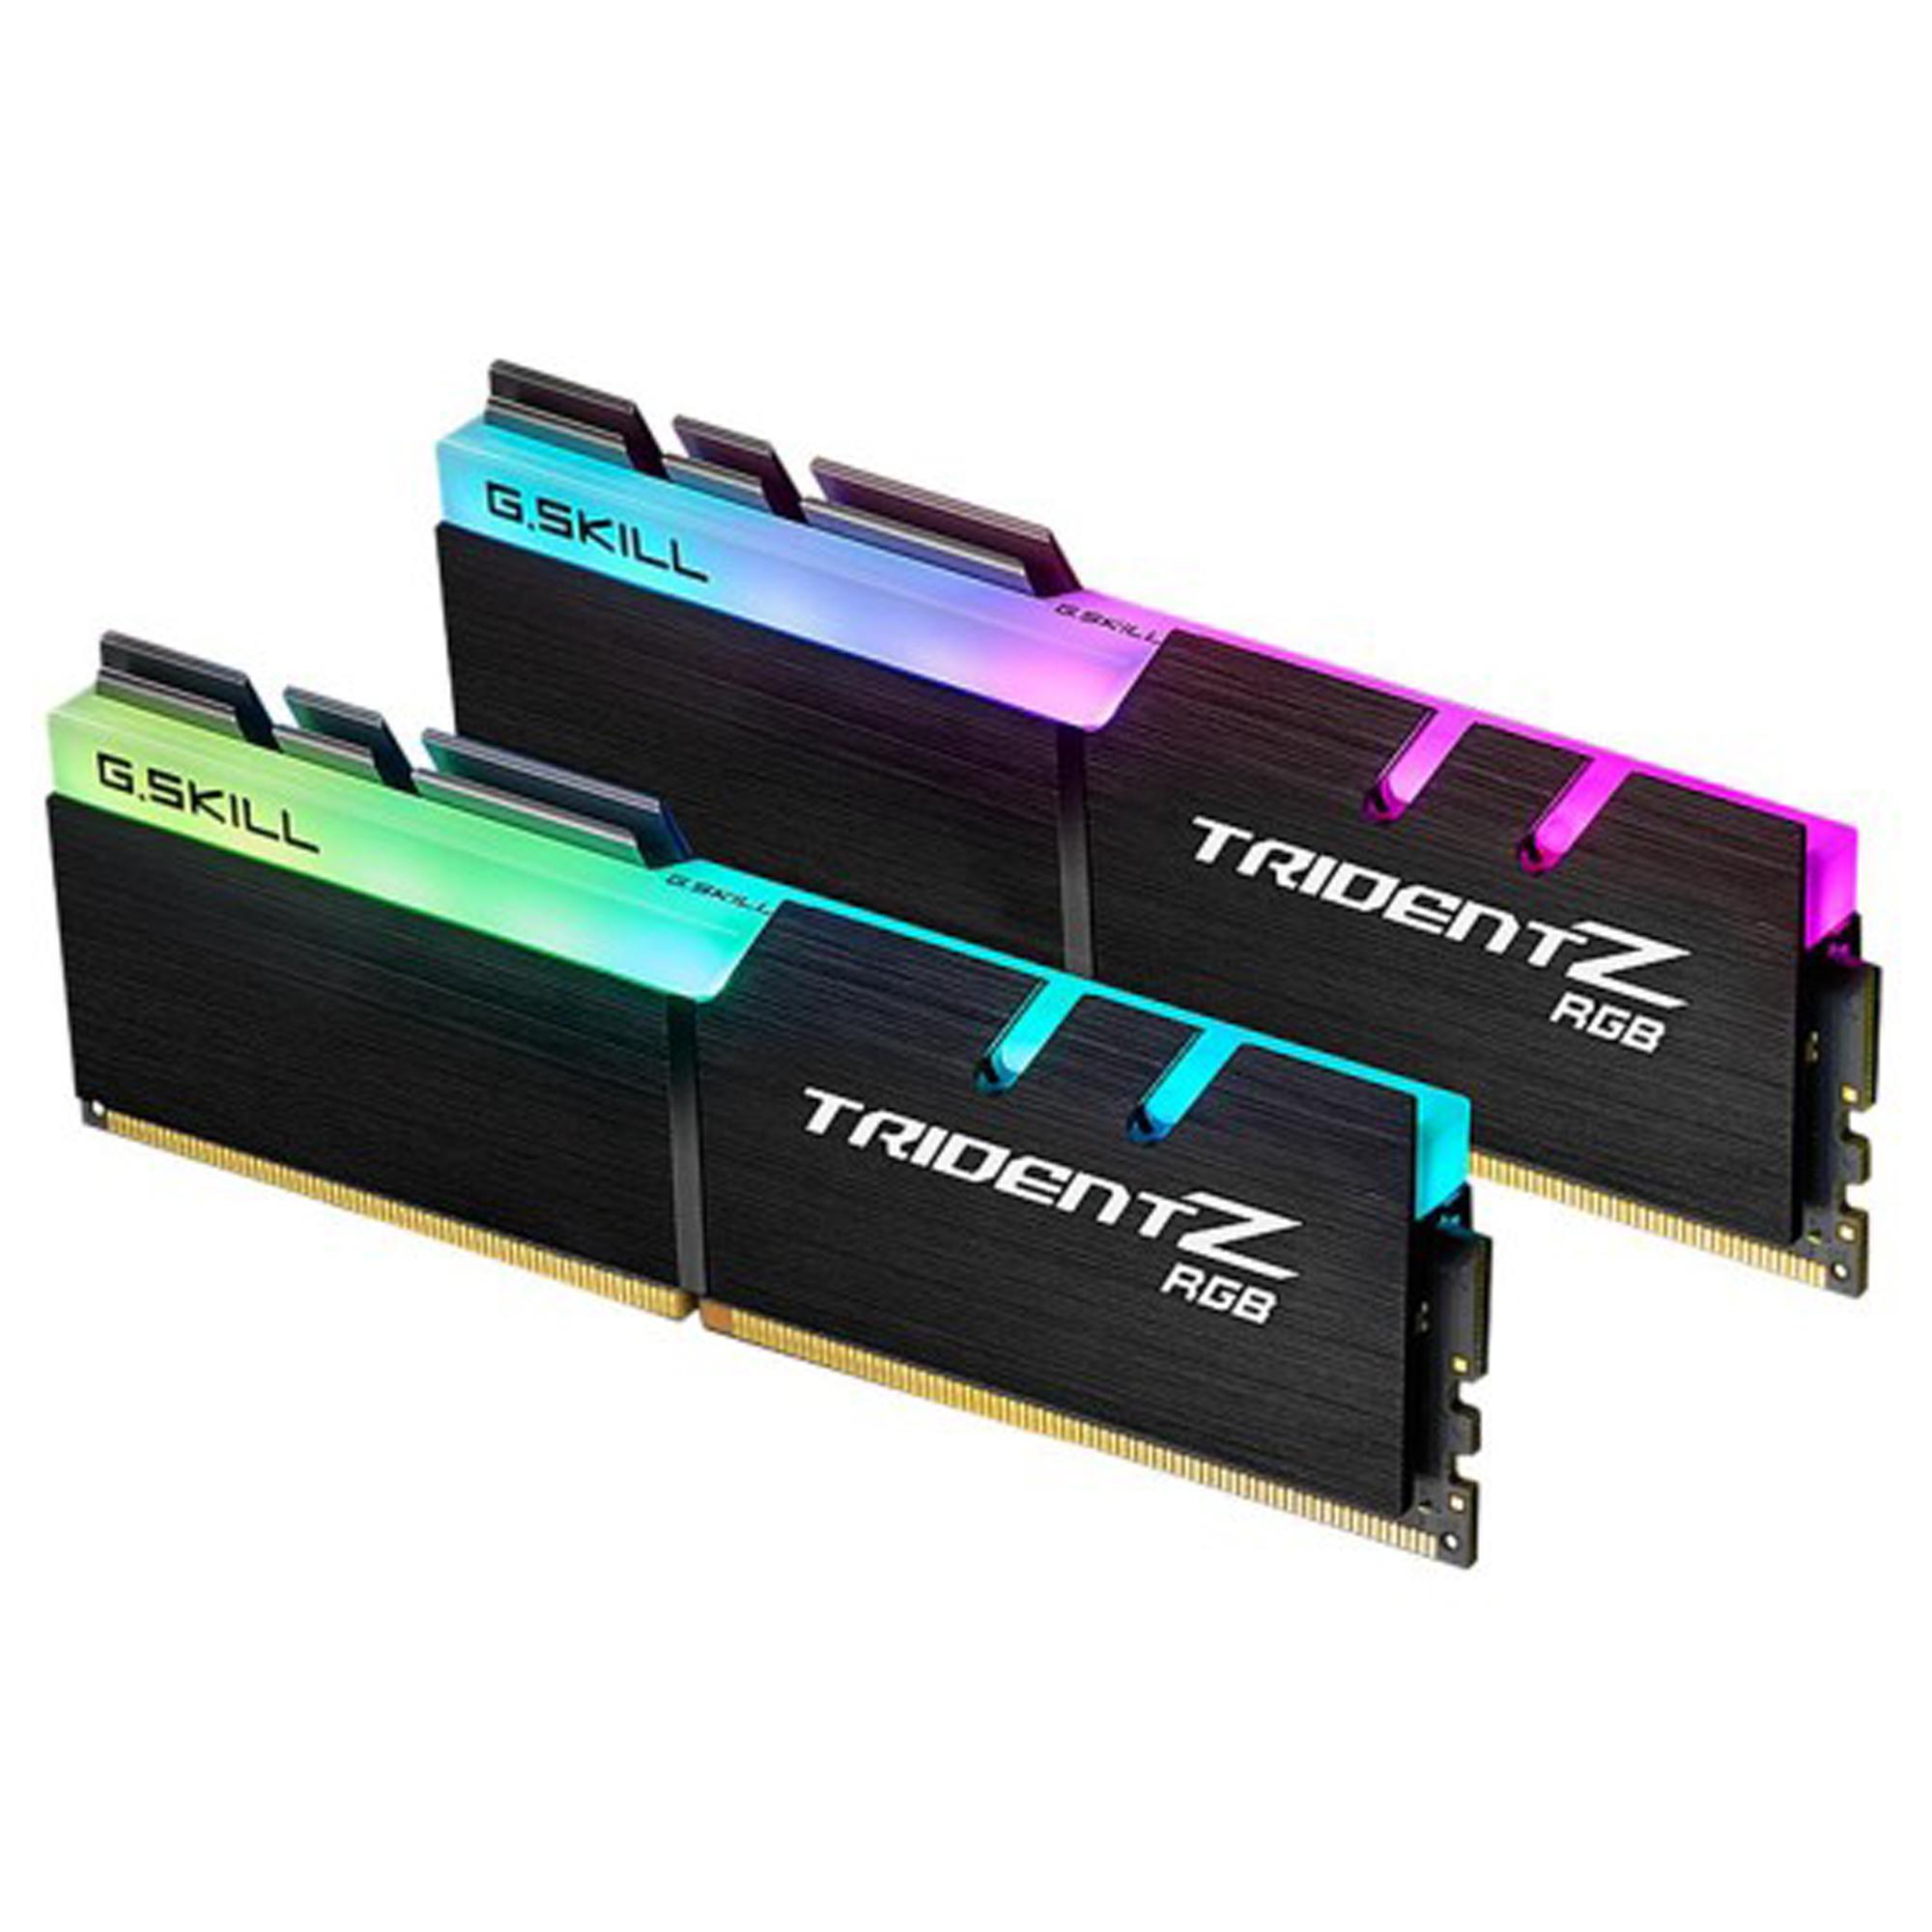 رم دسکتاپ DDR4 دو کاناله 3000 مگاهرتز CL16 جی اسکیل سری TRIDENT Z RGB ظرفیت 32 گیگابایت بسته دو عددی